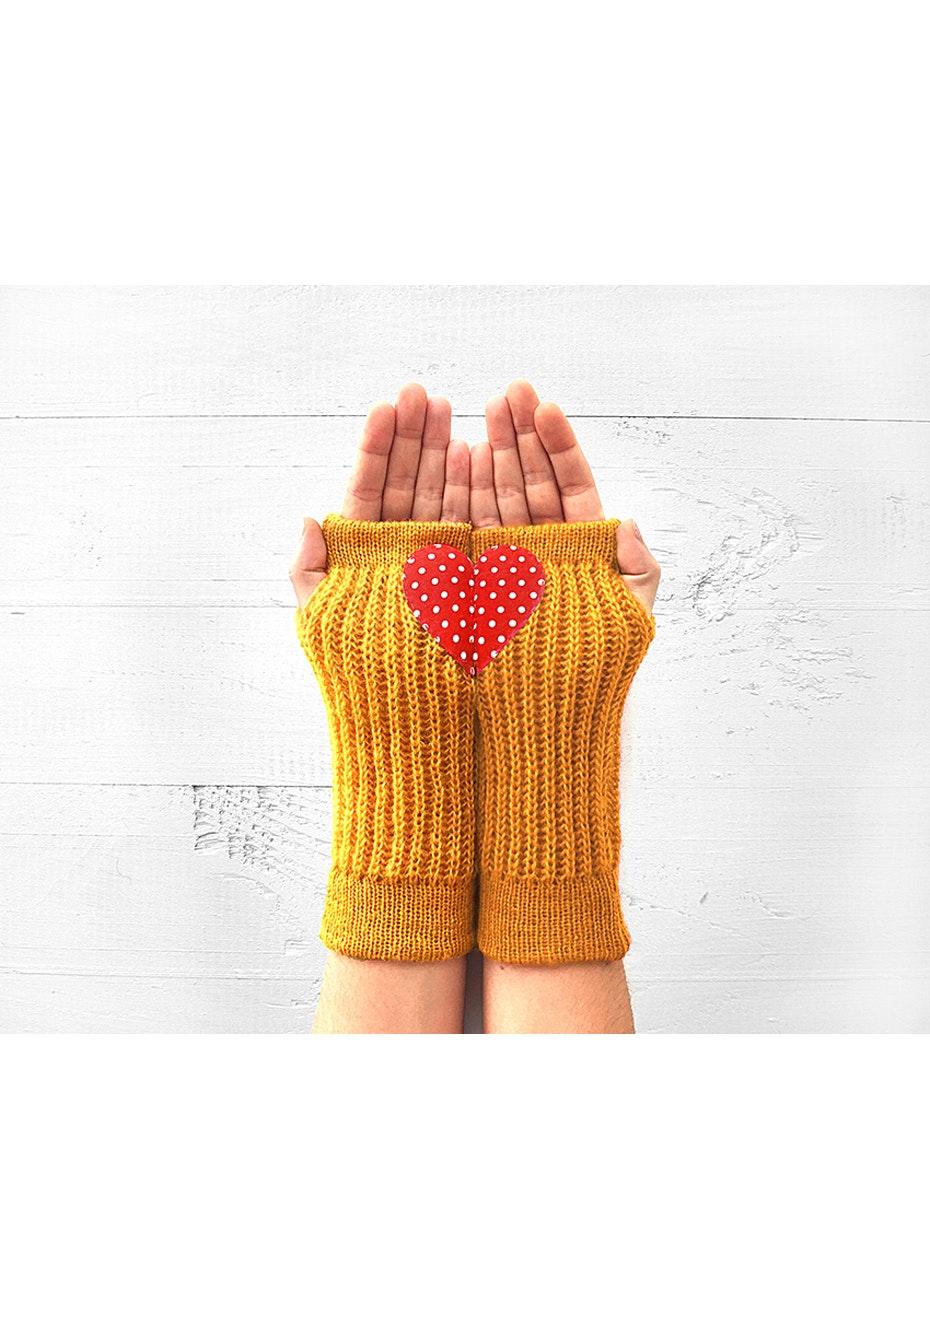 Heart Armwarmers - Mustard/Polka Dot